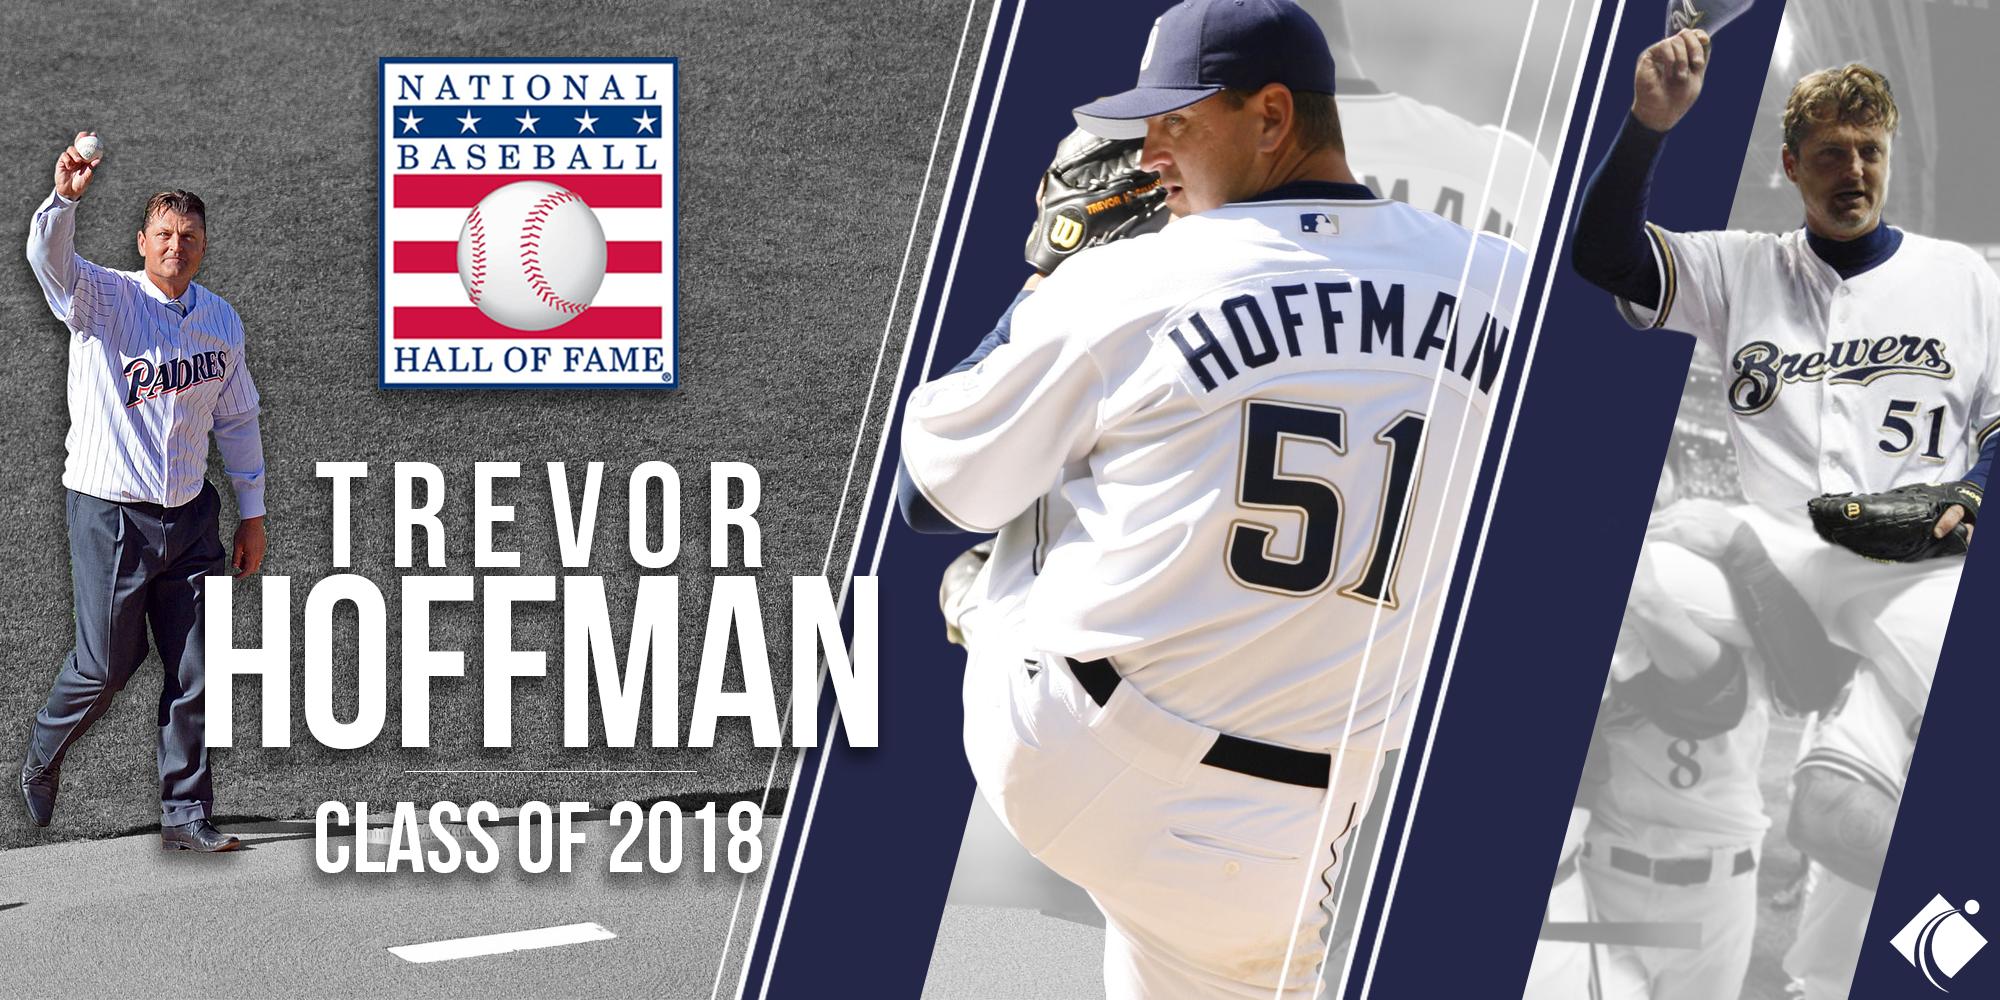 Trevor Hoffman, Hall of Fame